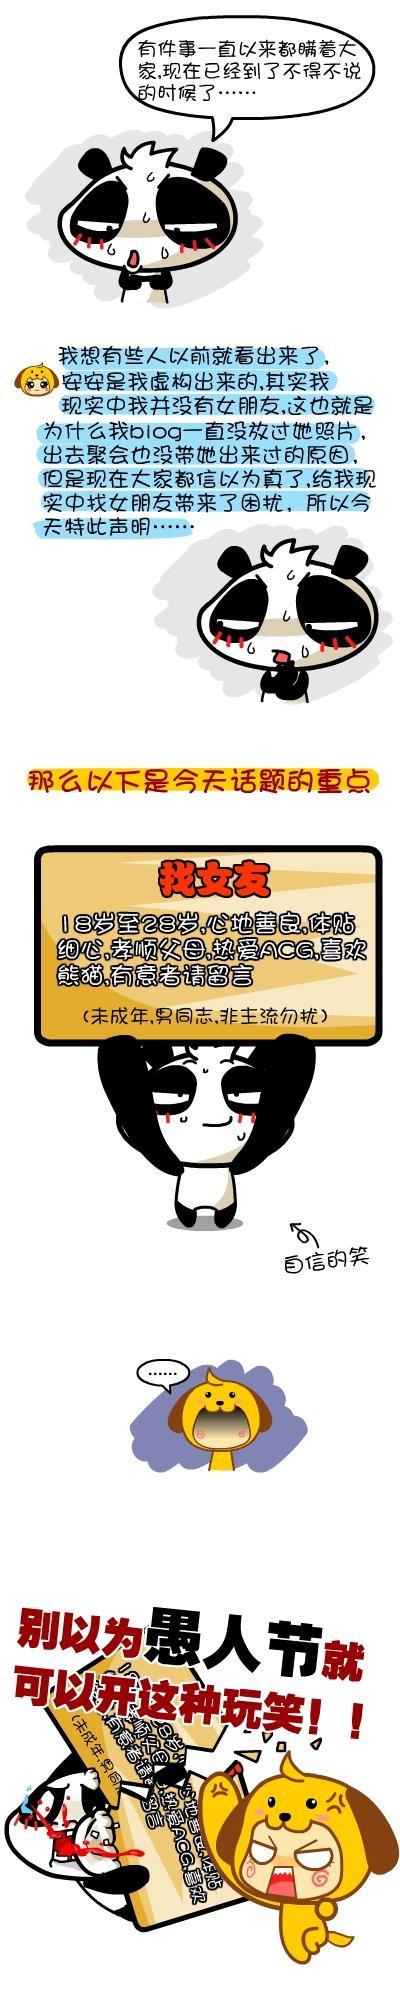 告白 - 林无知 - nonopanda的博客